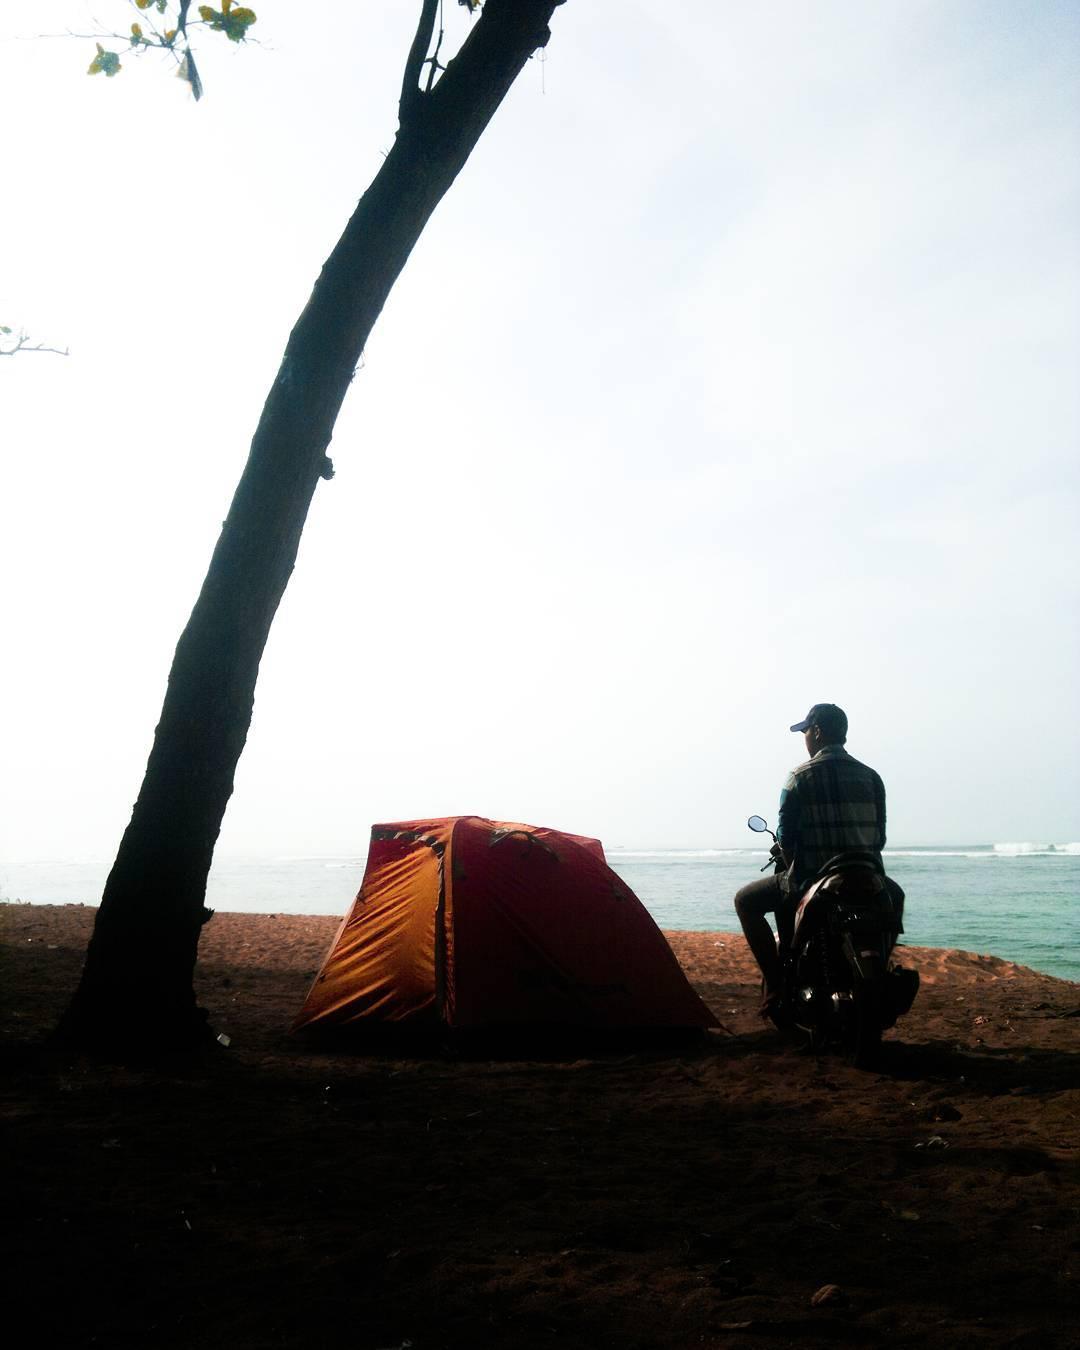 Camping, Camping Malang, Malang, Kabupaten Malang, Dolan Dolen, Dolaners Camping via pribadi khoirul 1 - Dolan Dolen